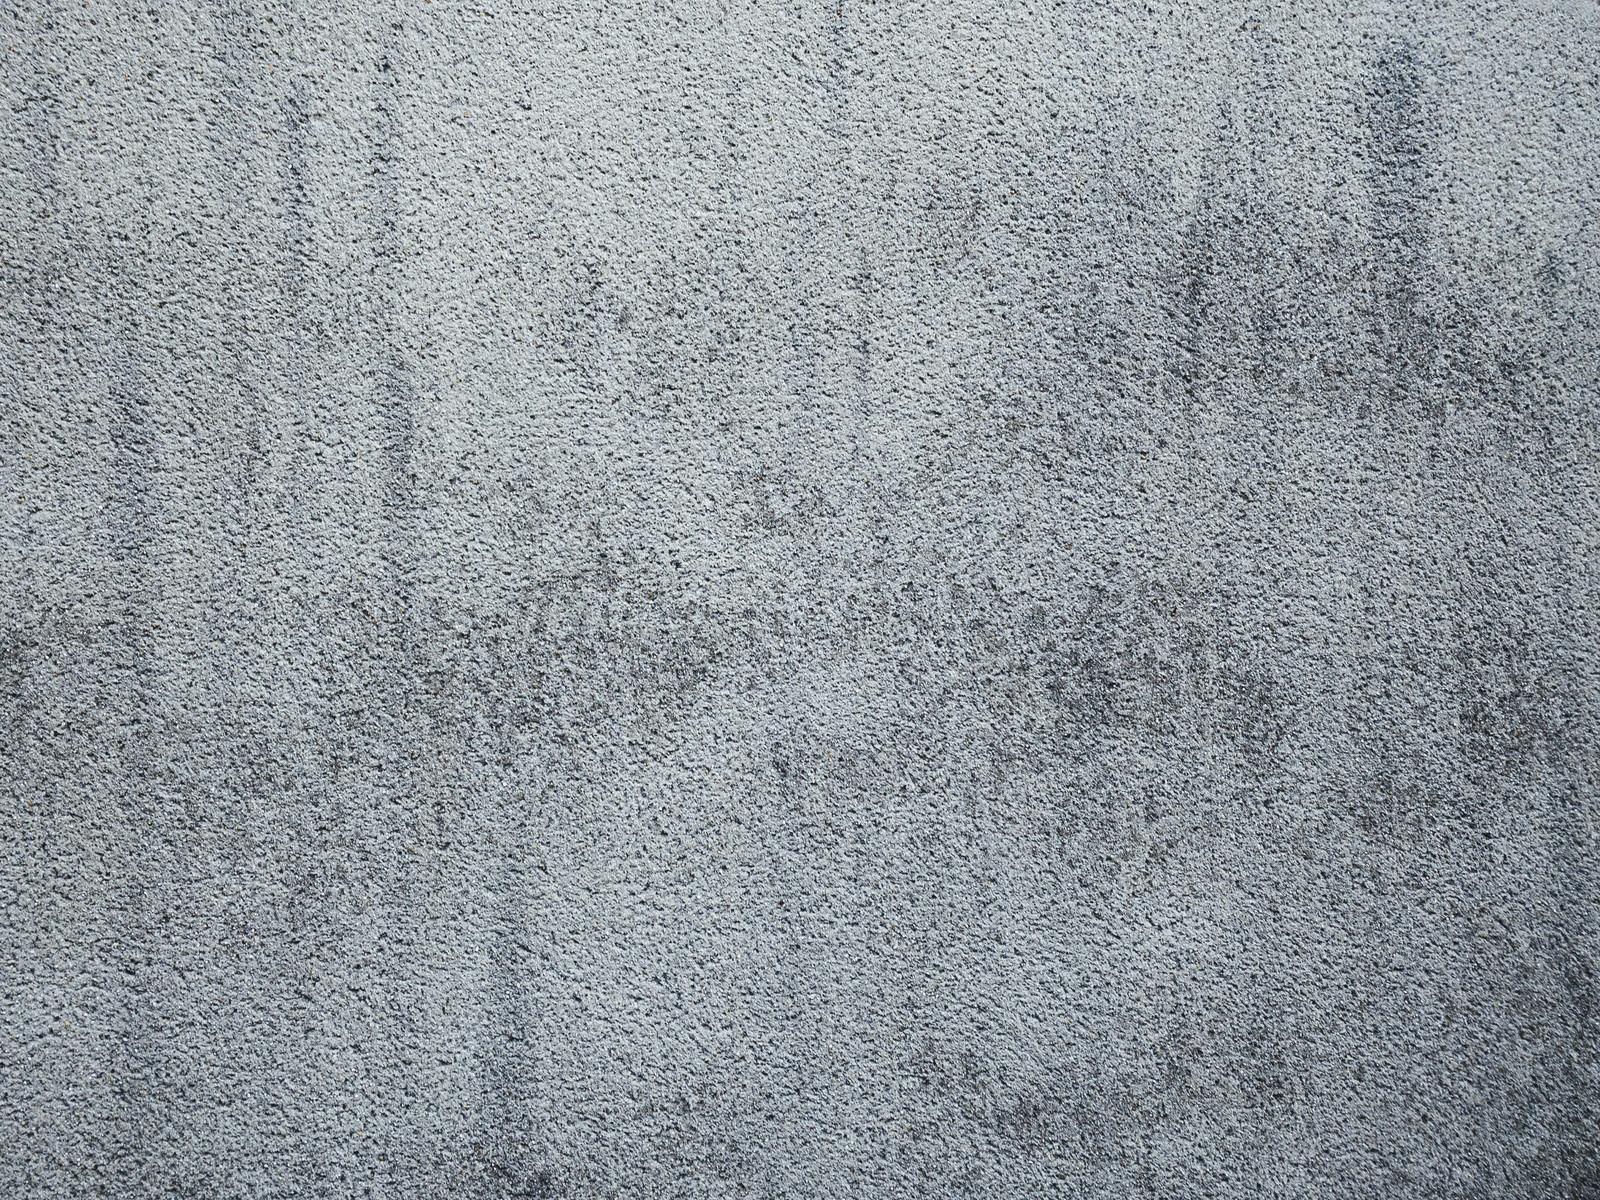 「シミの付いたコンクリート壁(テクスチャ)」の写真